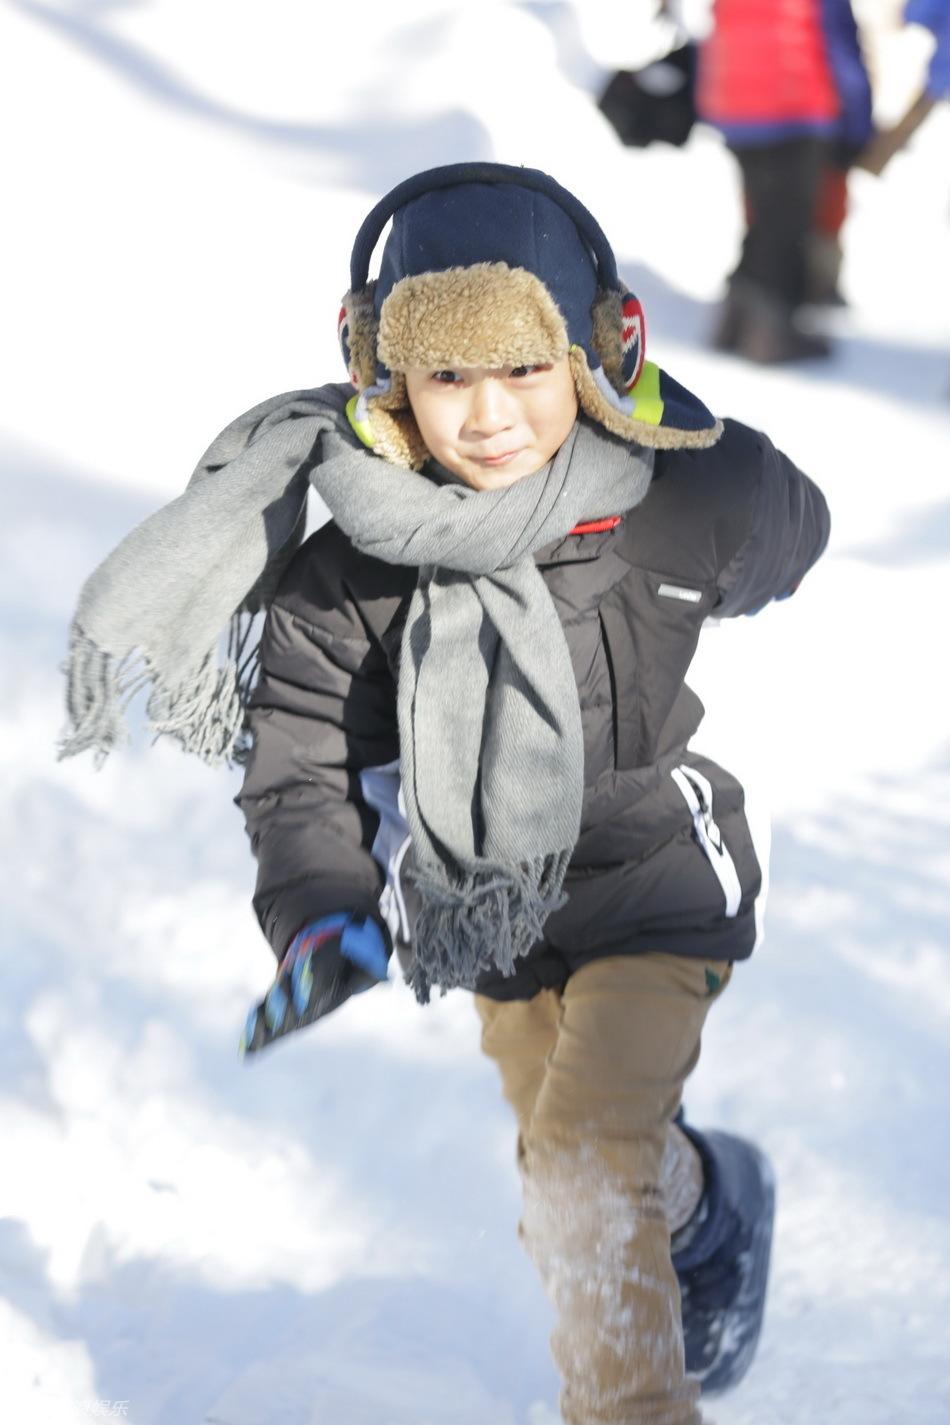 爸爸去哪儿之雪乡下_《爸爸去哪》爸爸冰天雪地劈木头 萌娃做雪橇开心[33]- 时尚中国